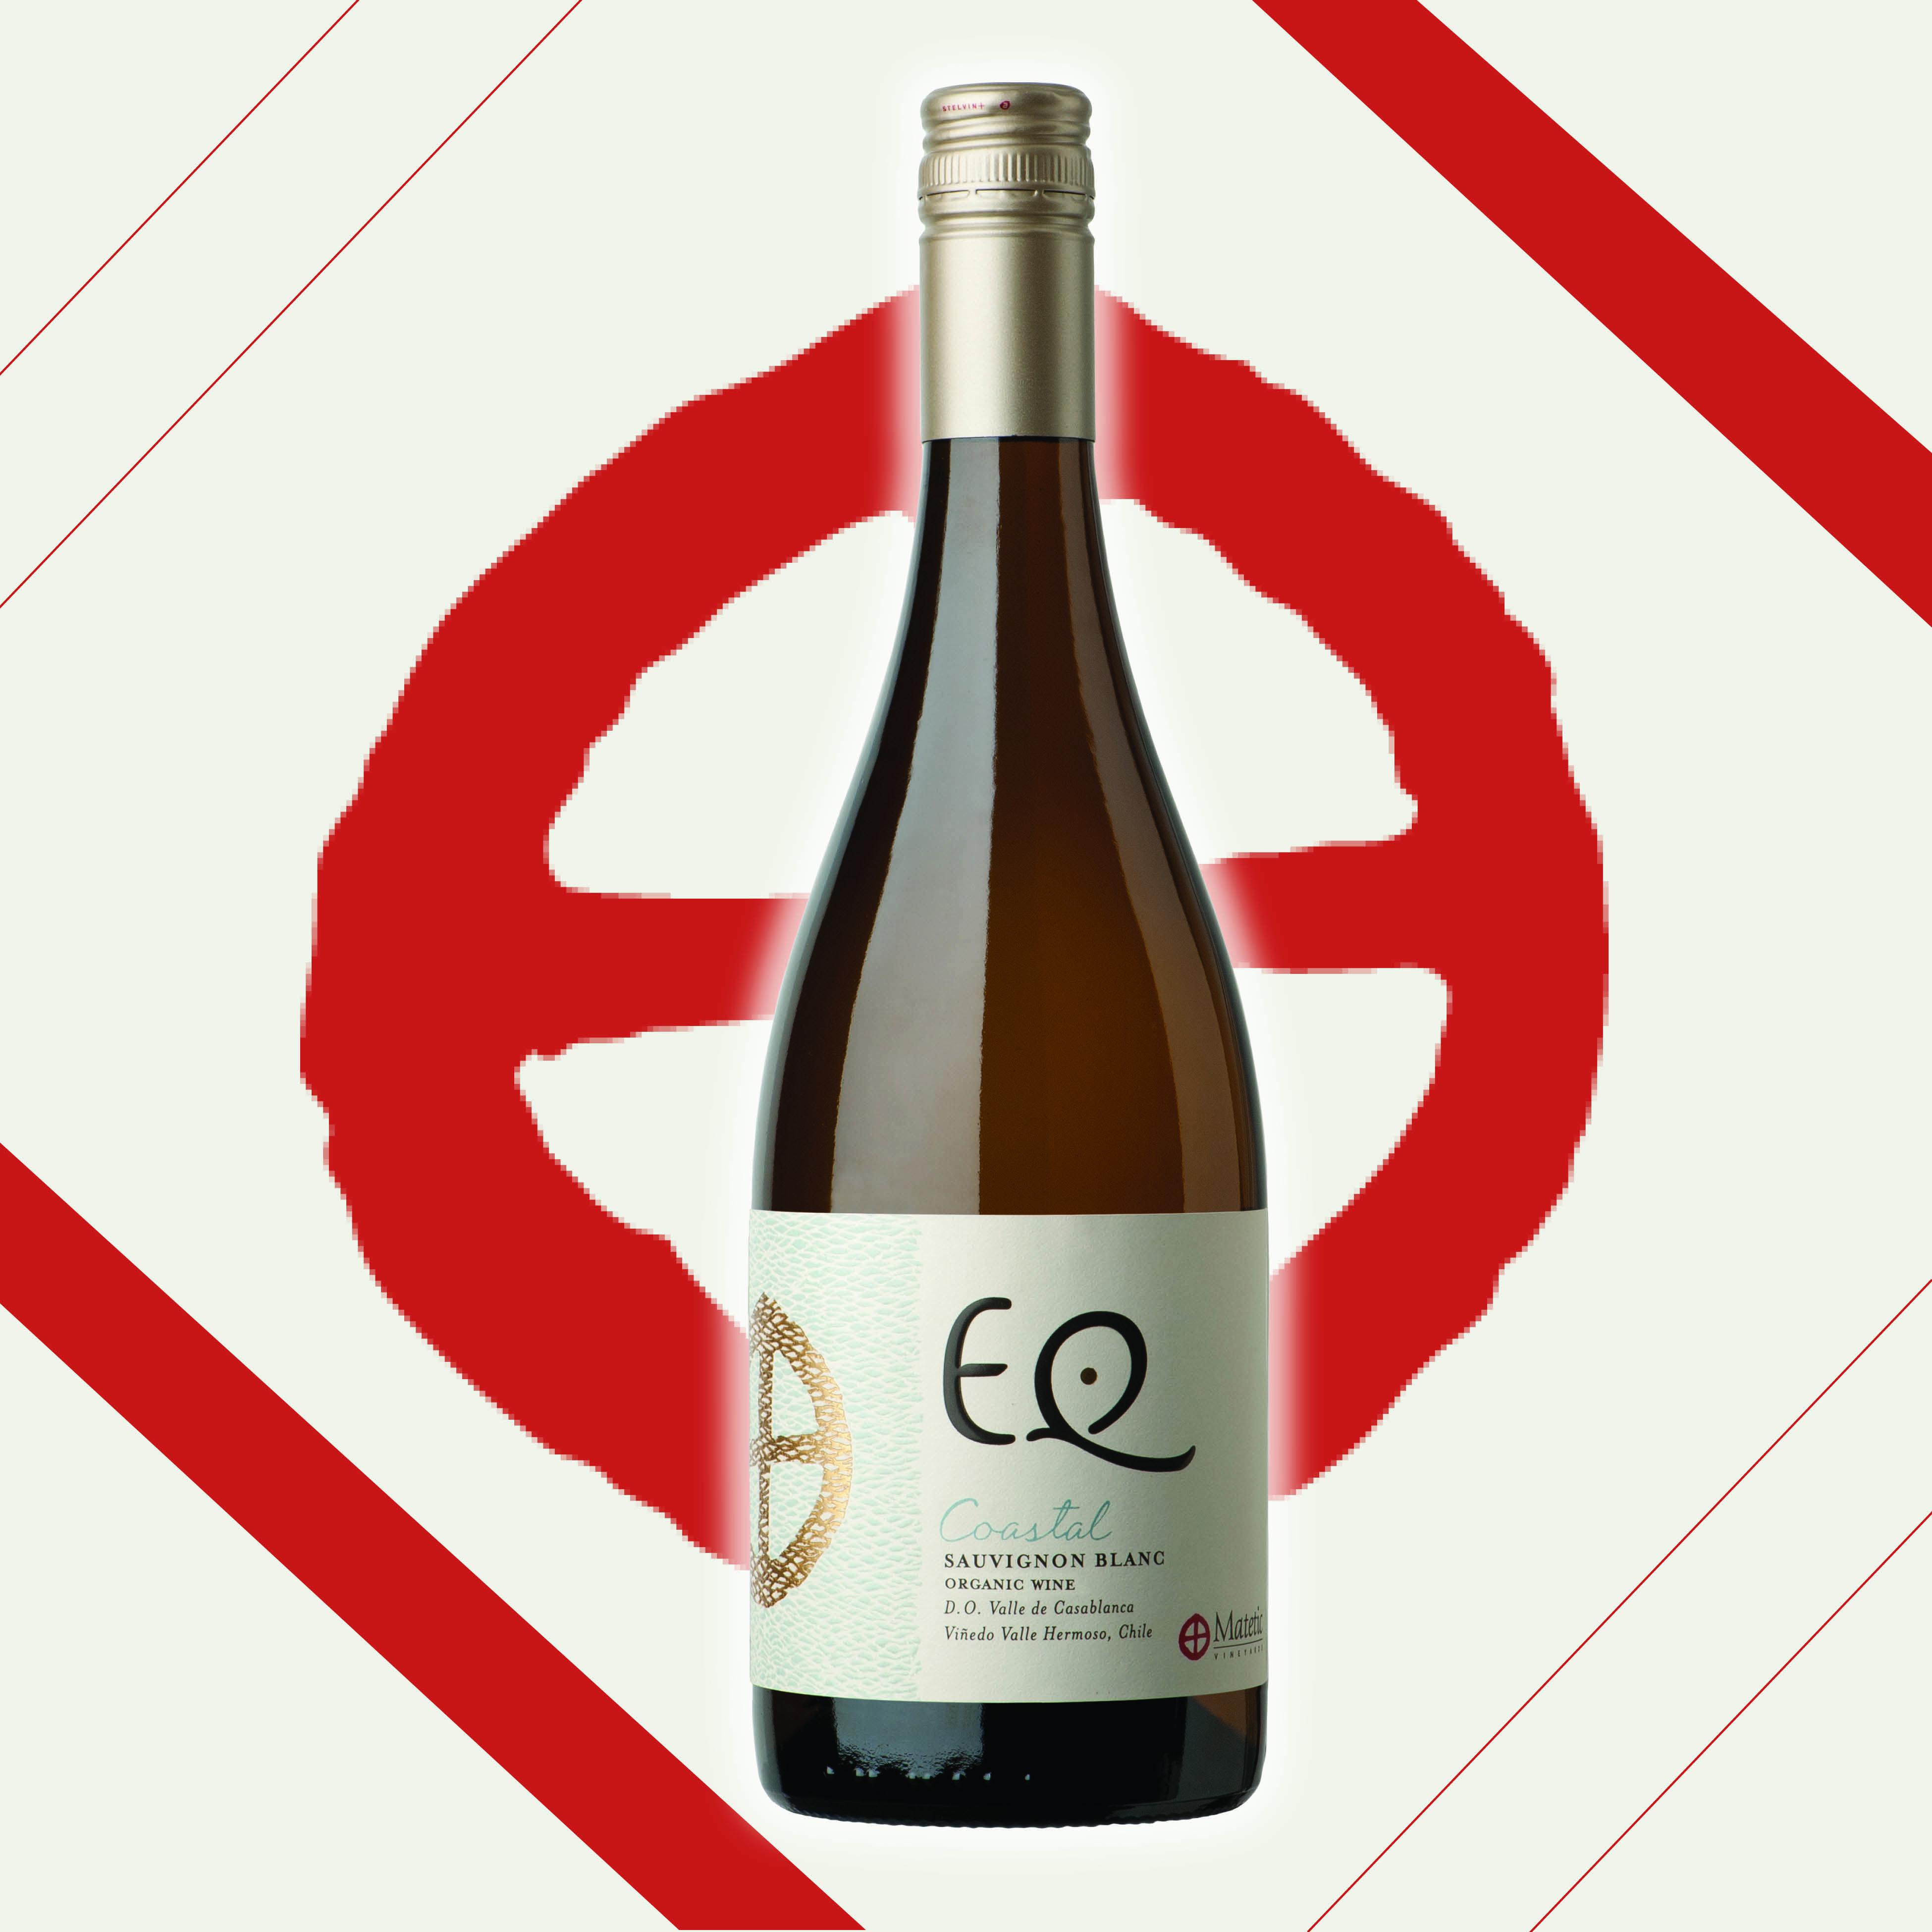 2018 Matetic Eq Coastal Sauvignon Blanc Sauvignon Blanc Sauvignon Produce Wine